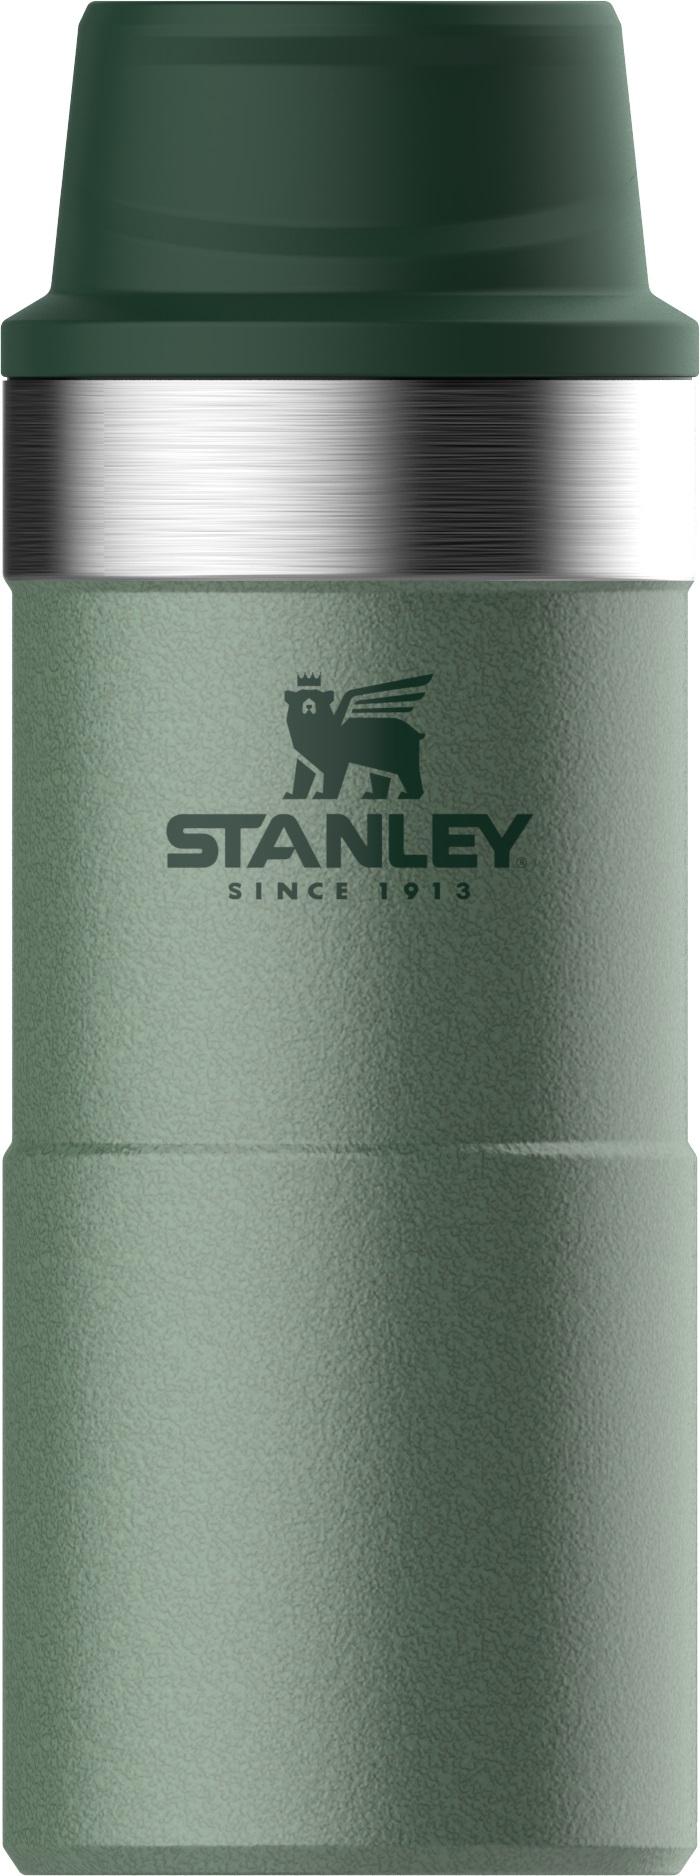 Stanley Termokruze Classic One Hand Vacuum Mug 2.0 / 0,35L zala termoss